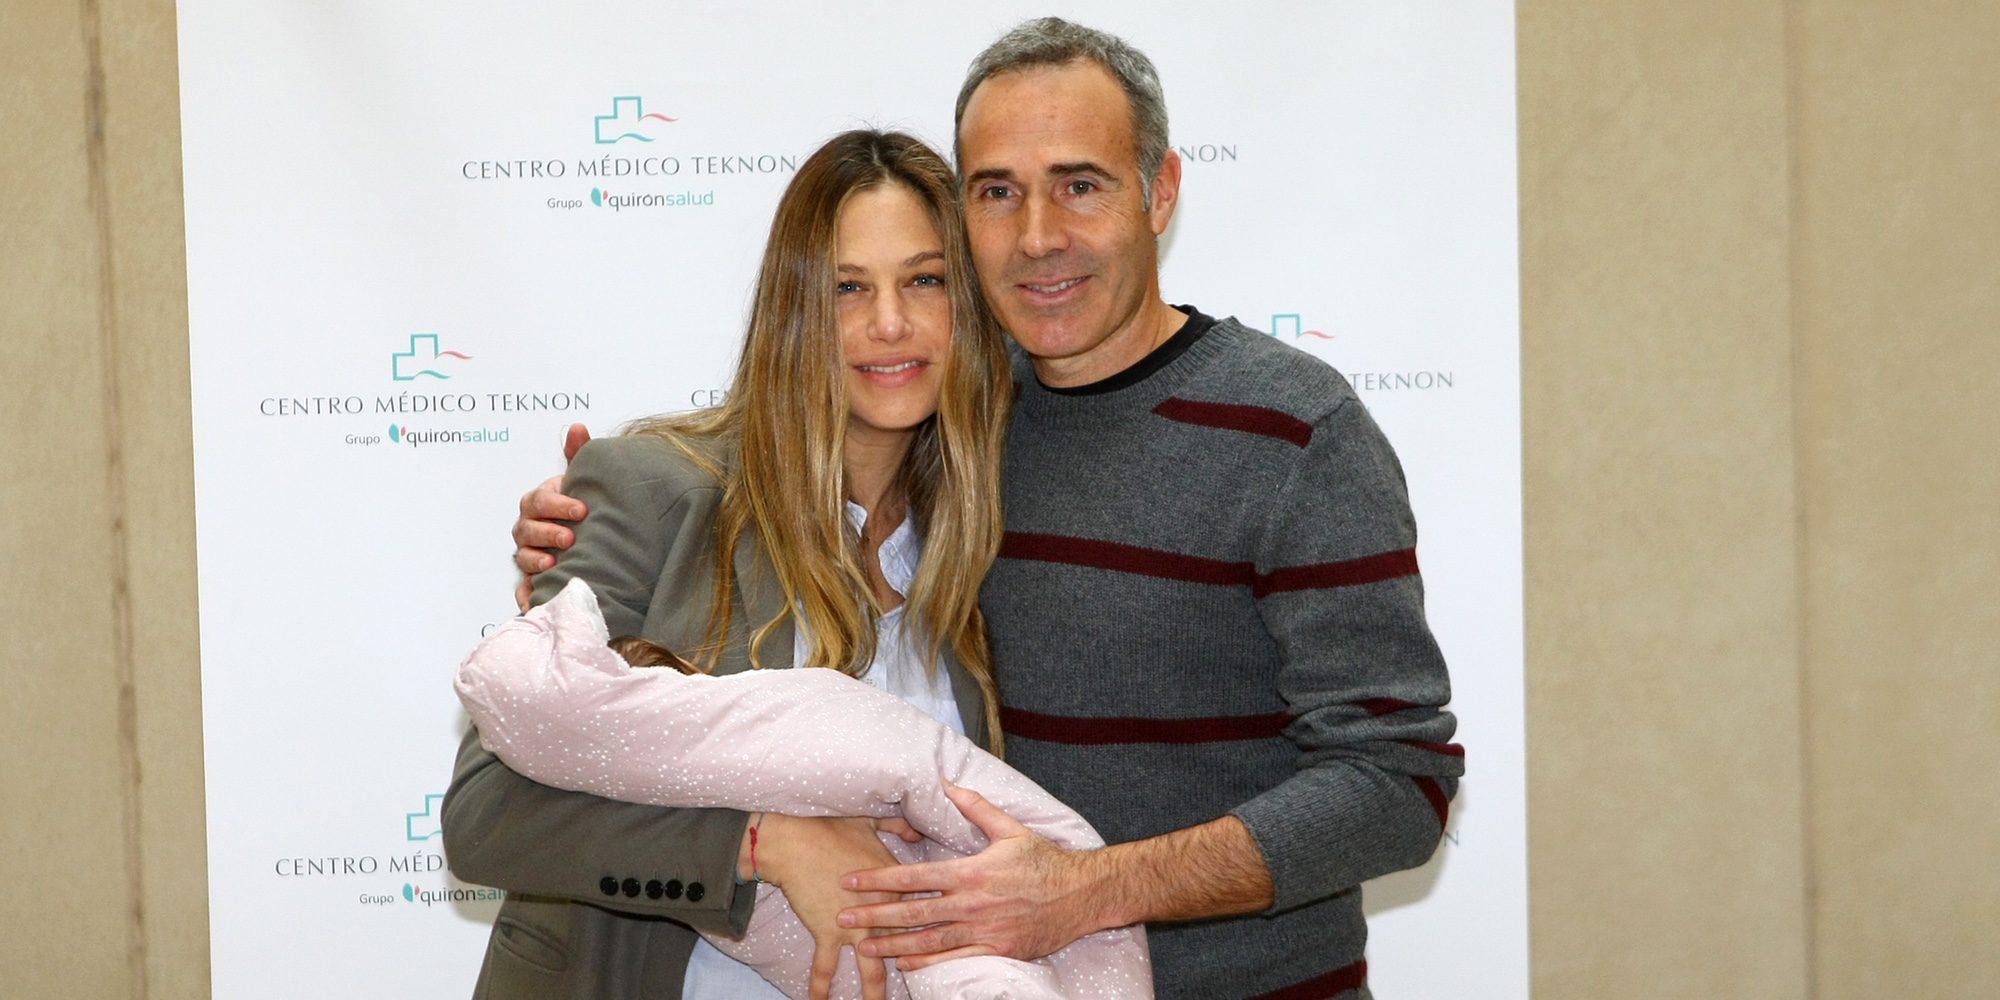 Martina Klein y Alex Corretja presentan a su hija Erika tres días después de su nacimiento